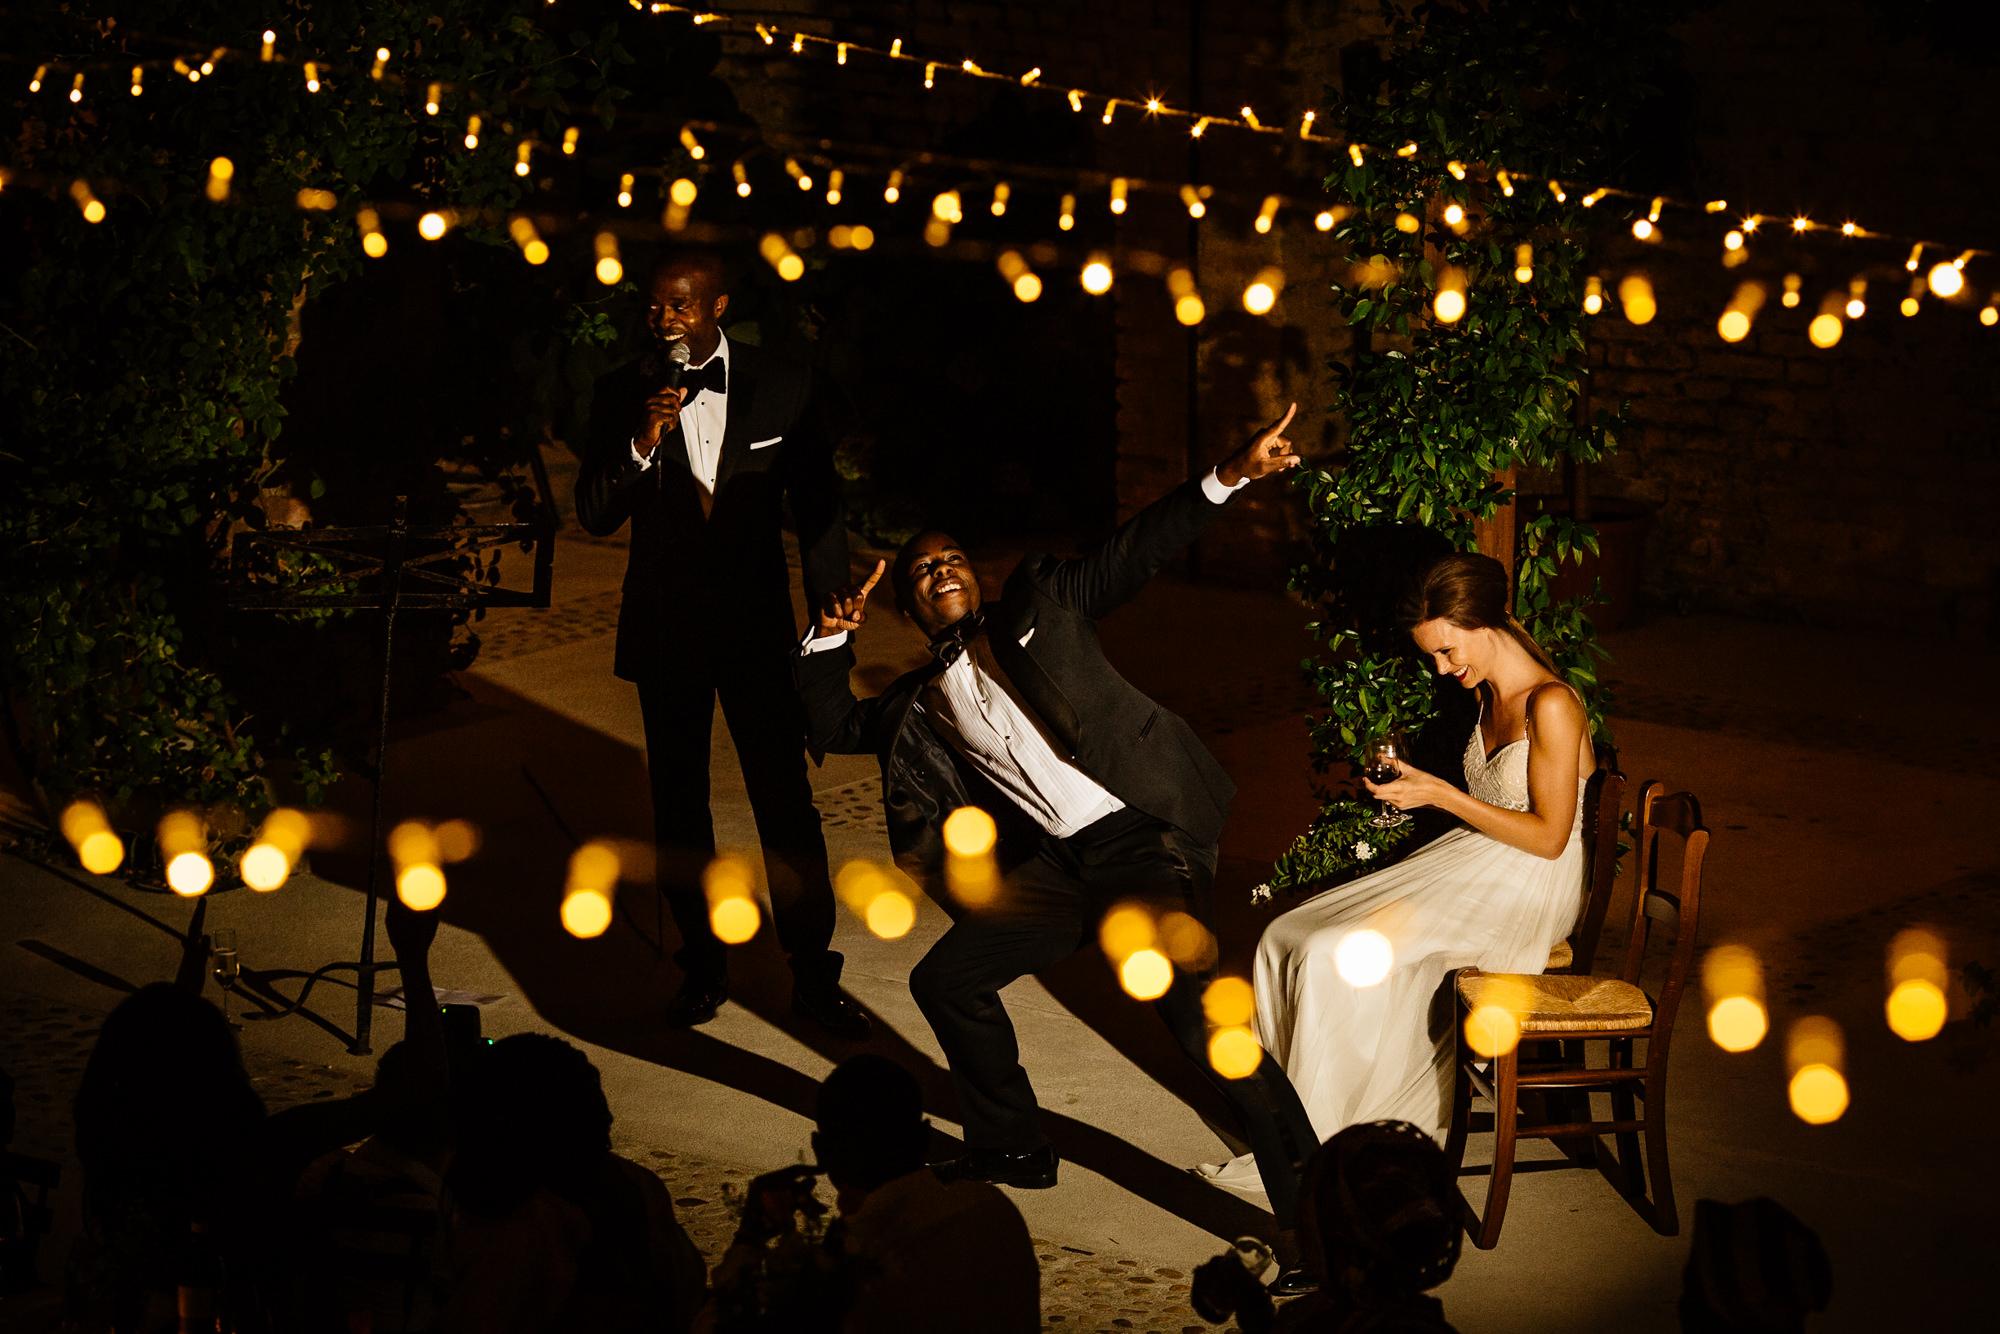 AB_Destination_Wedding_Piemonte_51.jpg